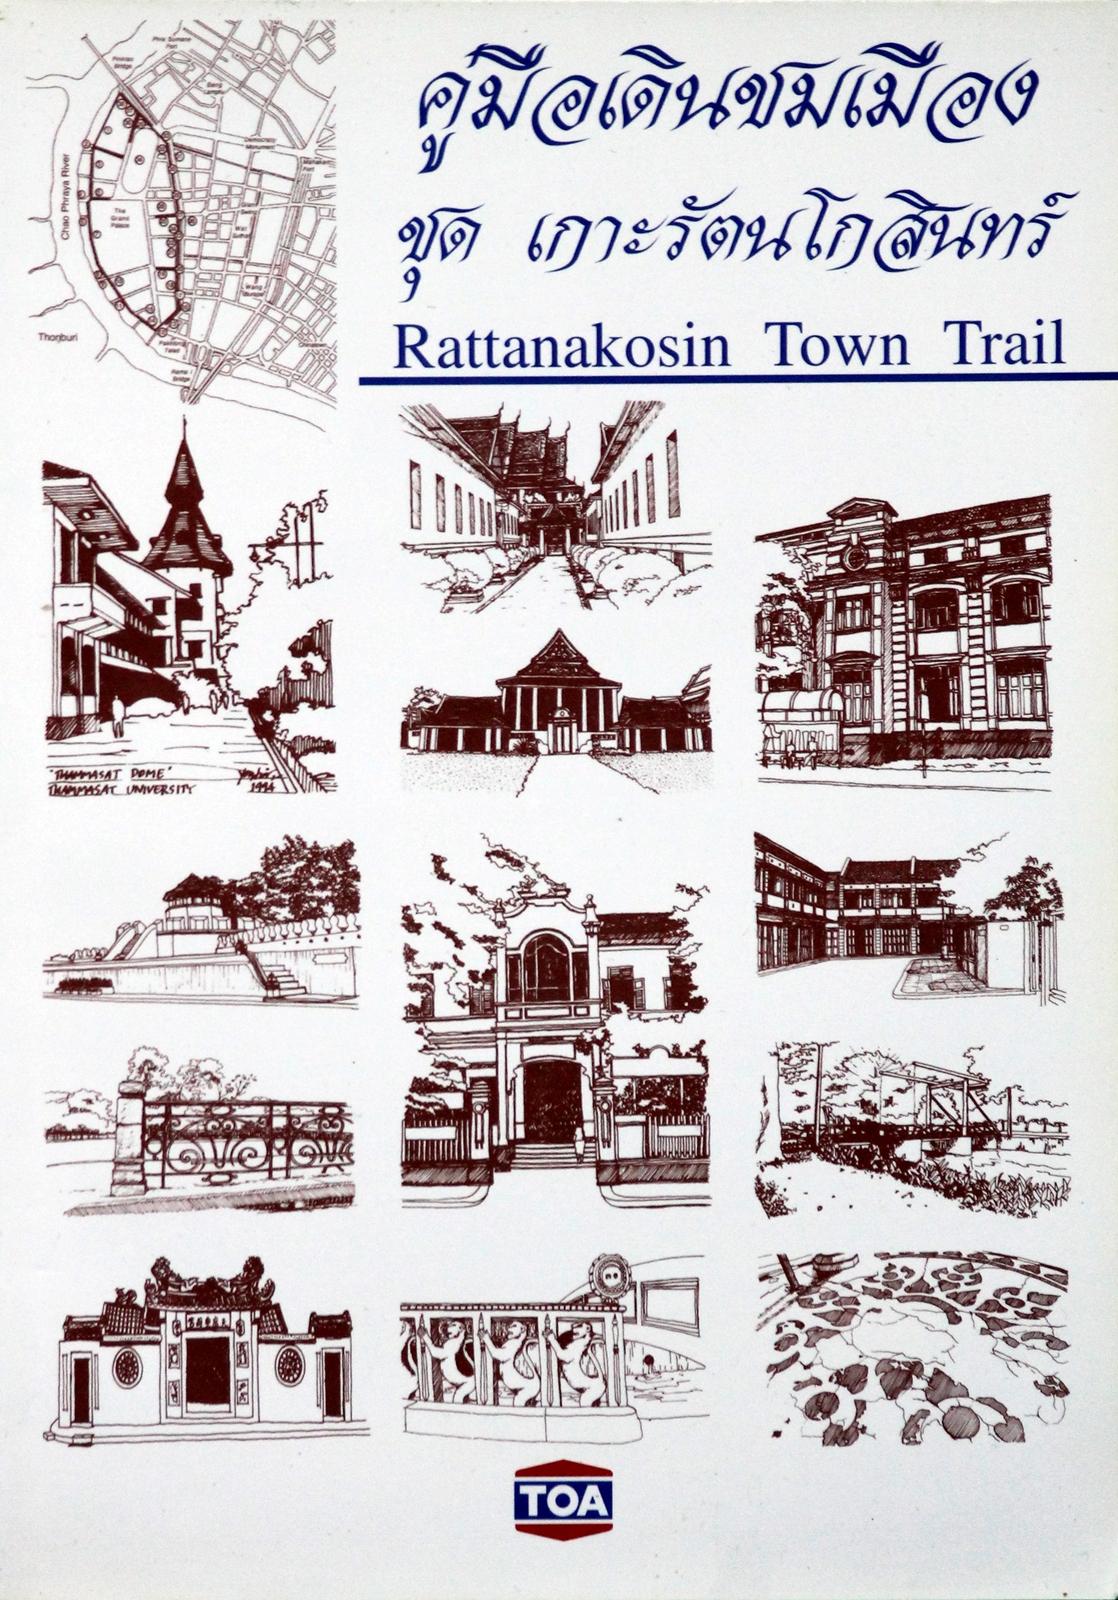 คู่มือเดินชมเมือง ชุด เกาะรัตนโกสินทร์ Rattanakosin Town Trail